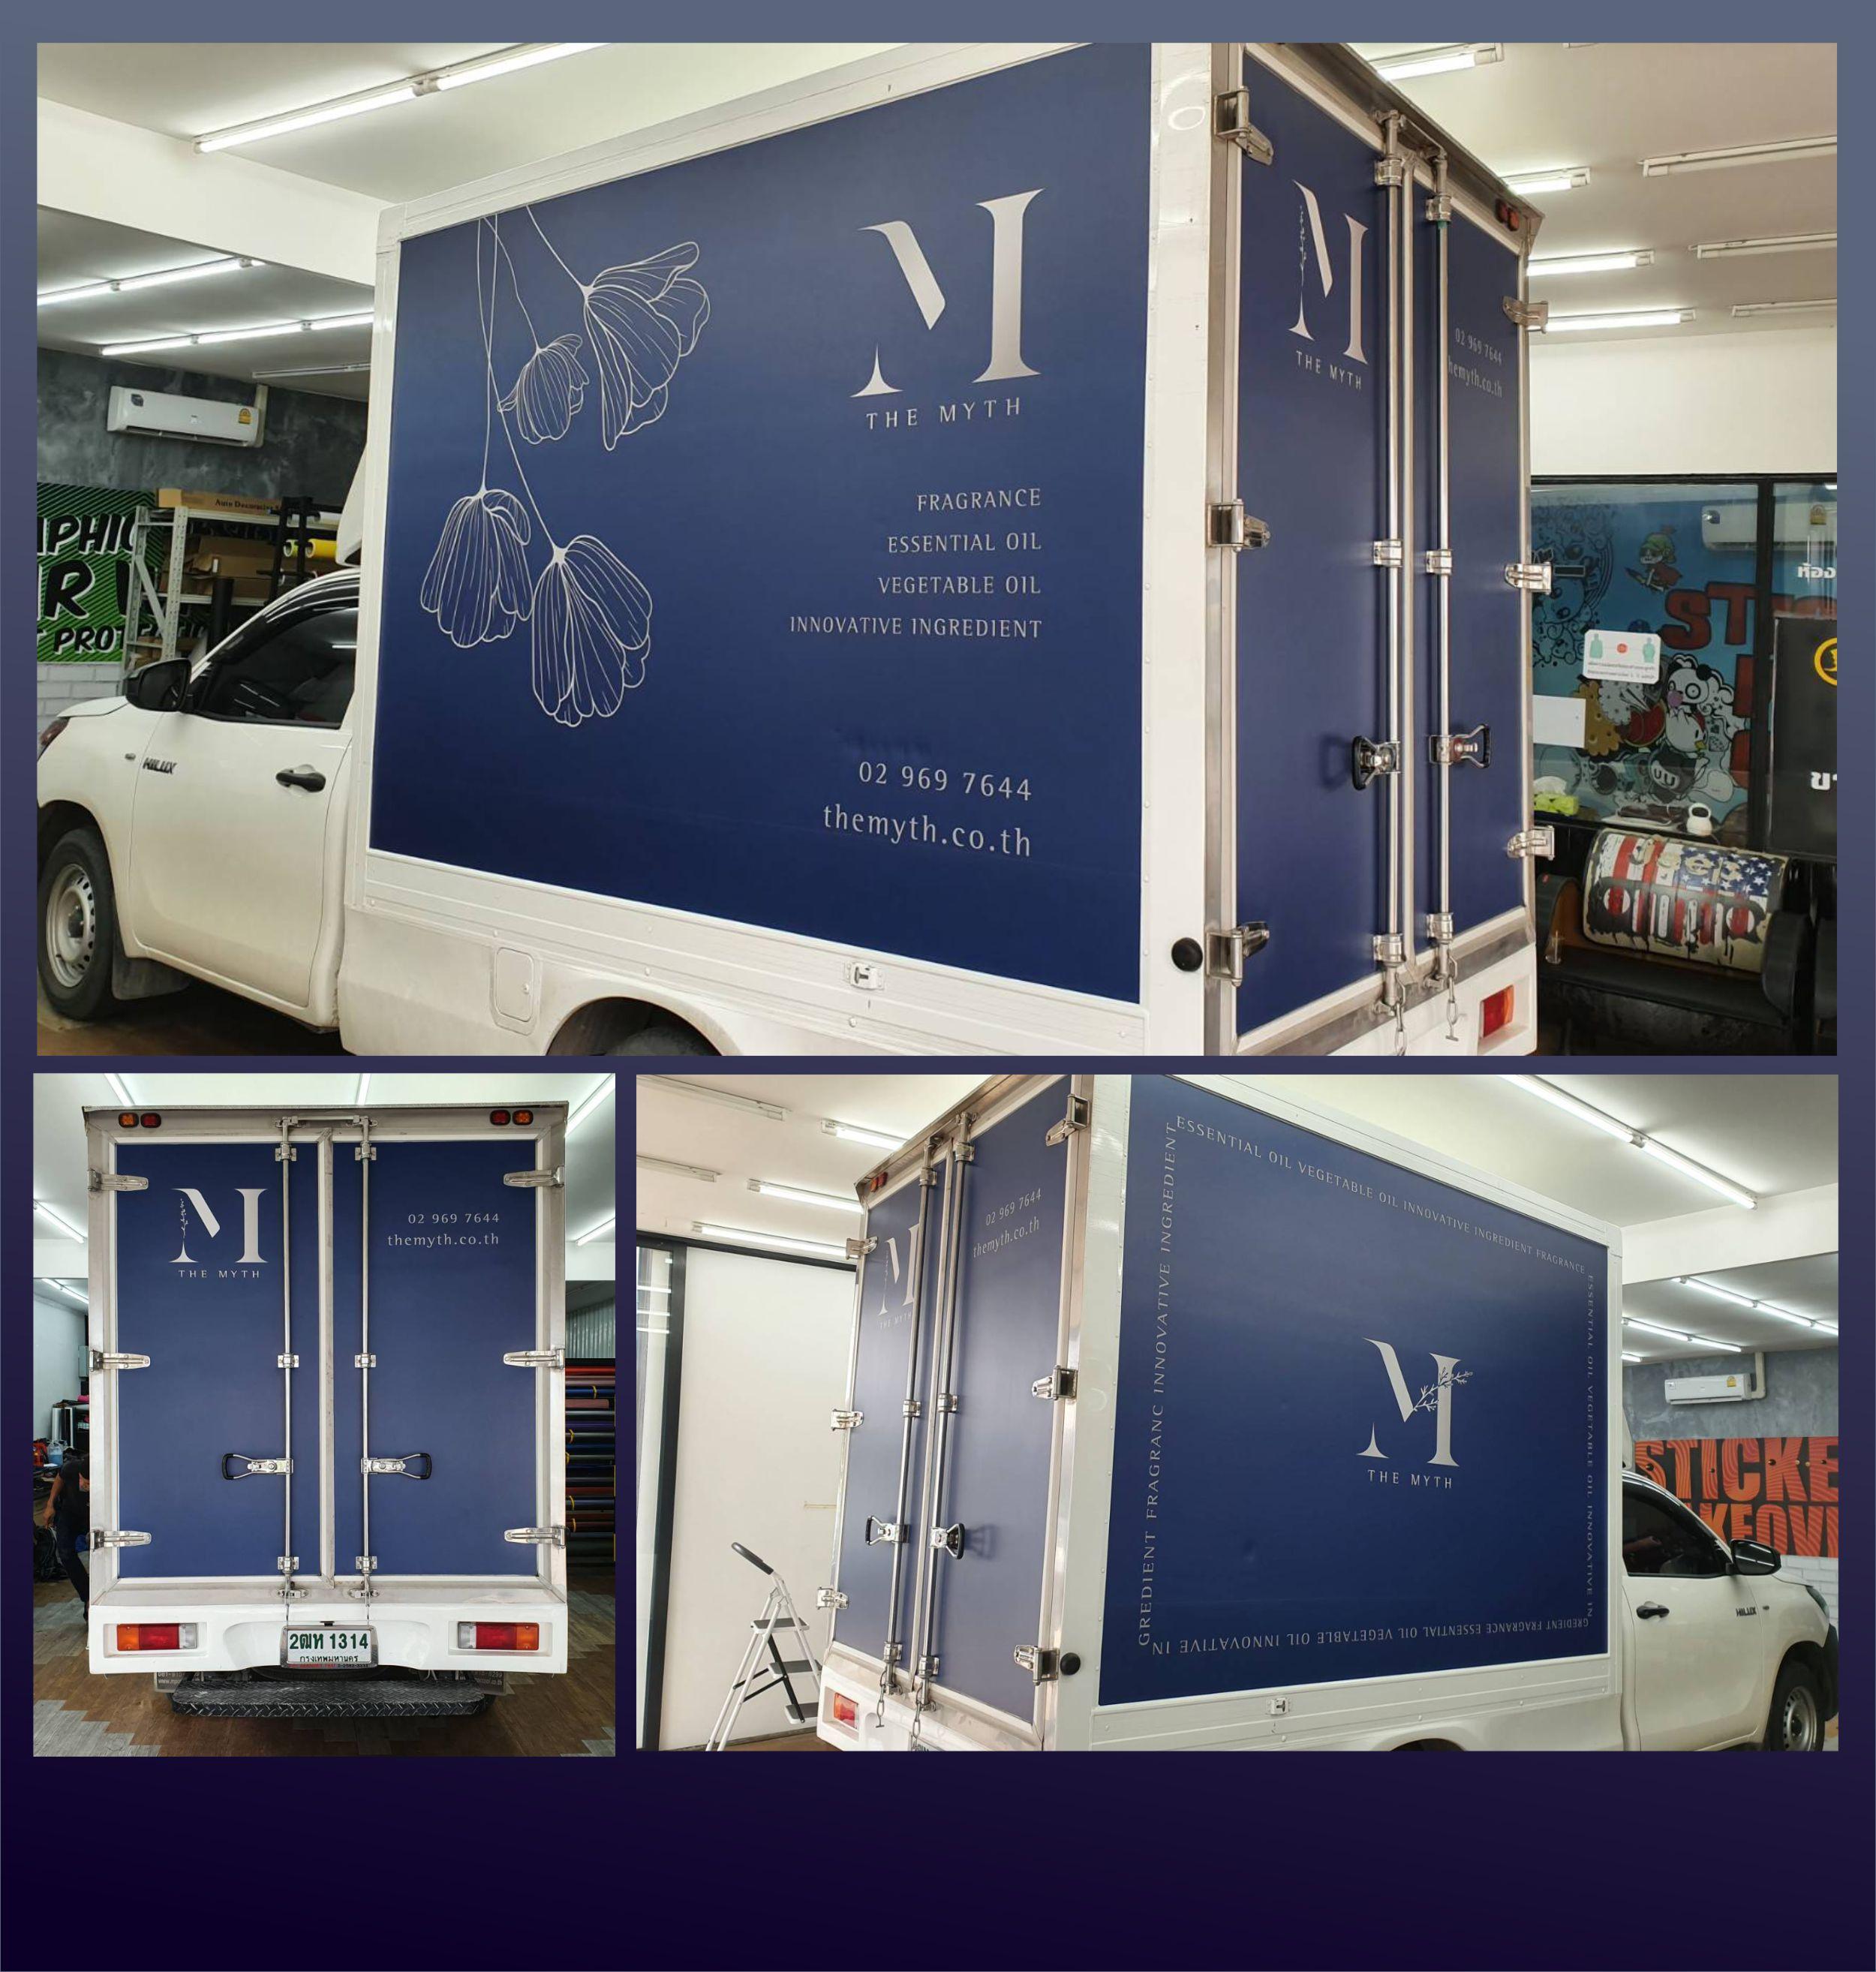 สติ๊กเกอร์ติดรถ สติกเกอร์รถฟู้ดทรัค food truck รถโฆษณา รถบริษัท ตู้ CargoBox ออกเเบบสติกเกอร์รถบริษัท สติกเกอร์โฆษณาติดรถบริษัท ติดสติกเกอร์รถส่งของ สติกเกอร์ติดตู้ส่งของ ติดสติกเกอร์รถโมบาย สติกเกอร์ติดแครี่บอย ติดสติกเกอร์รถบริษัทนอกสถานที่ ร้านสติกเกอร์แถวนนทบุรี ติดสติกเกอร์รถบริษัทคุณภาพดี ติดตั้งรถบริษัทนอกสถานที่ ติดสติกเกอร์รถตู้คอนเทนเนอร์ ติดสติกเกอร์รถกระบะโฆษณา